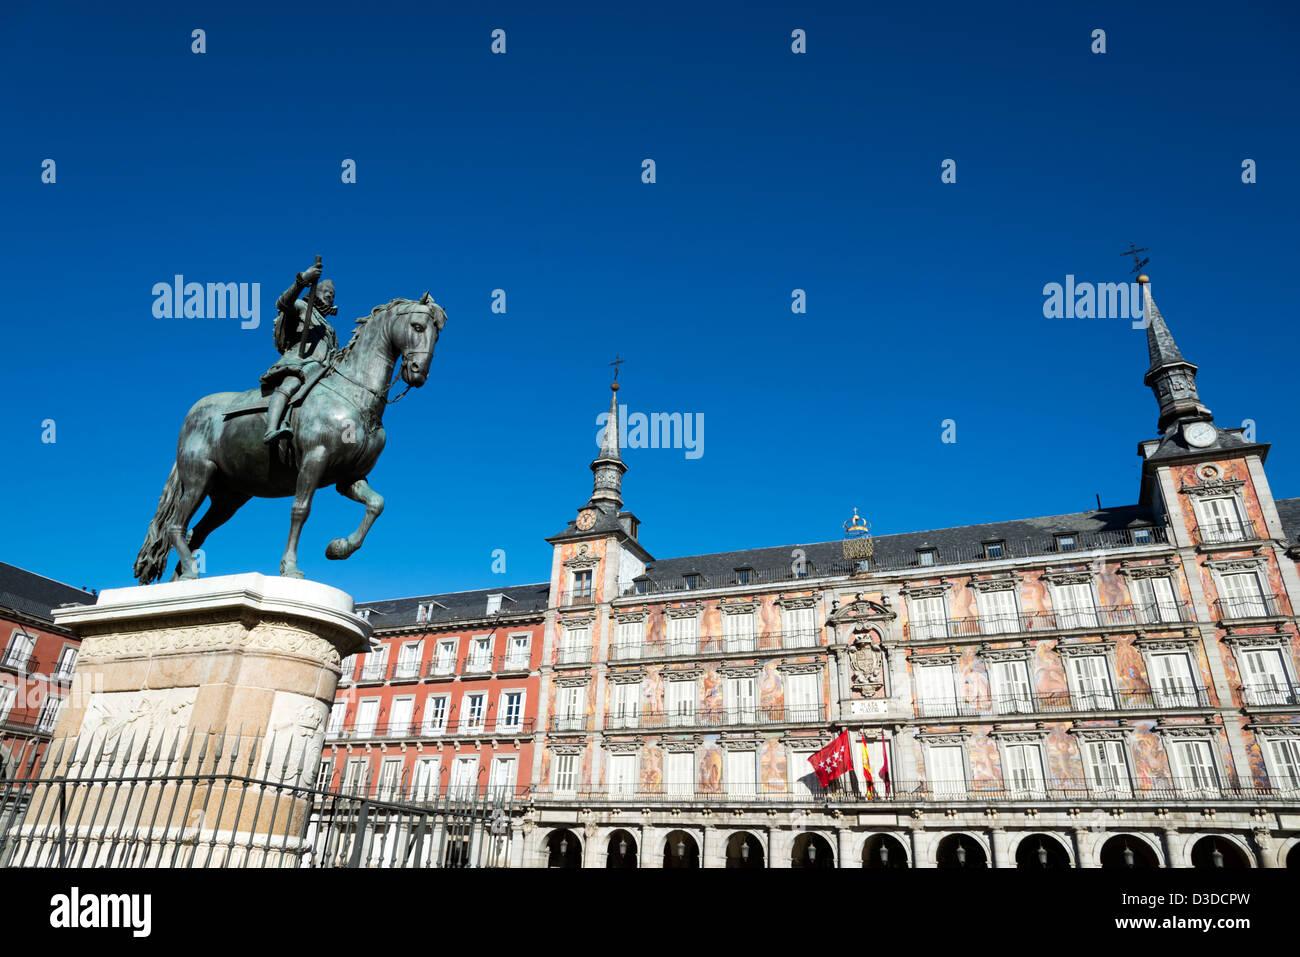 Reiterstandbild von Philipp III. auf der Plaza Mayor, Madrid, Spanien Stockbild